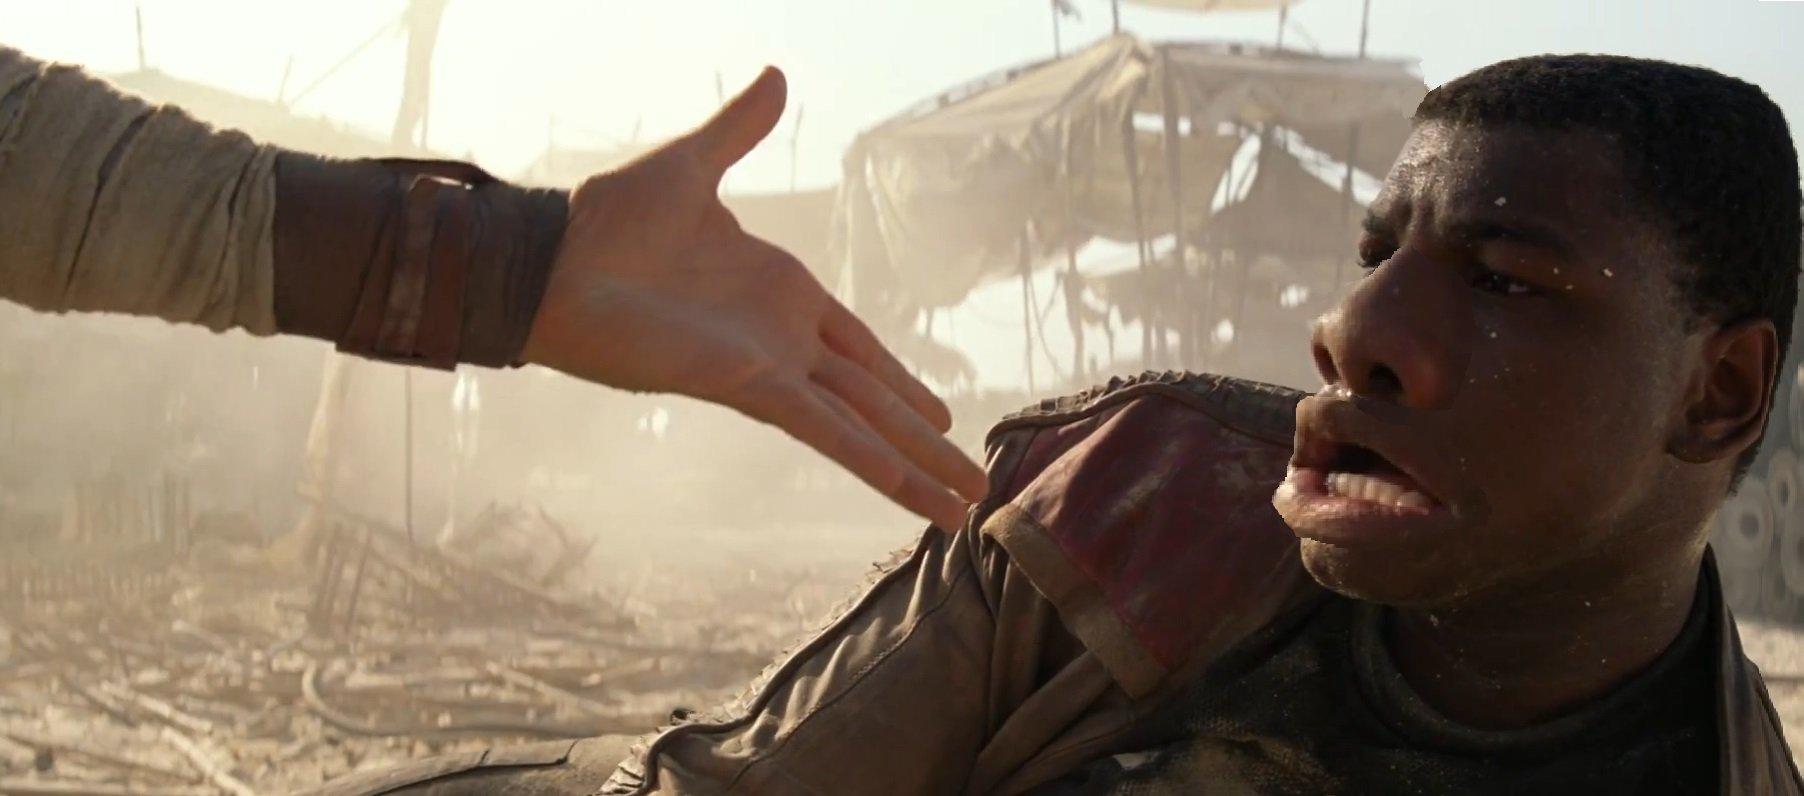 Целая куча гневных спойлеров по Звёздным Войнам - Изображение 2